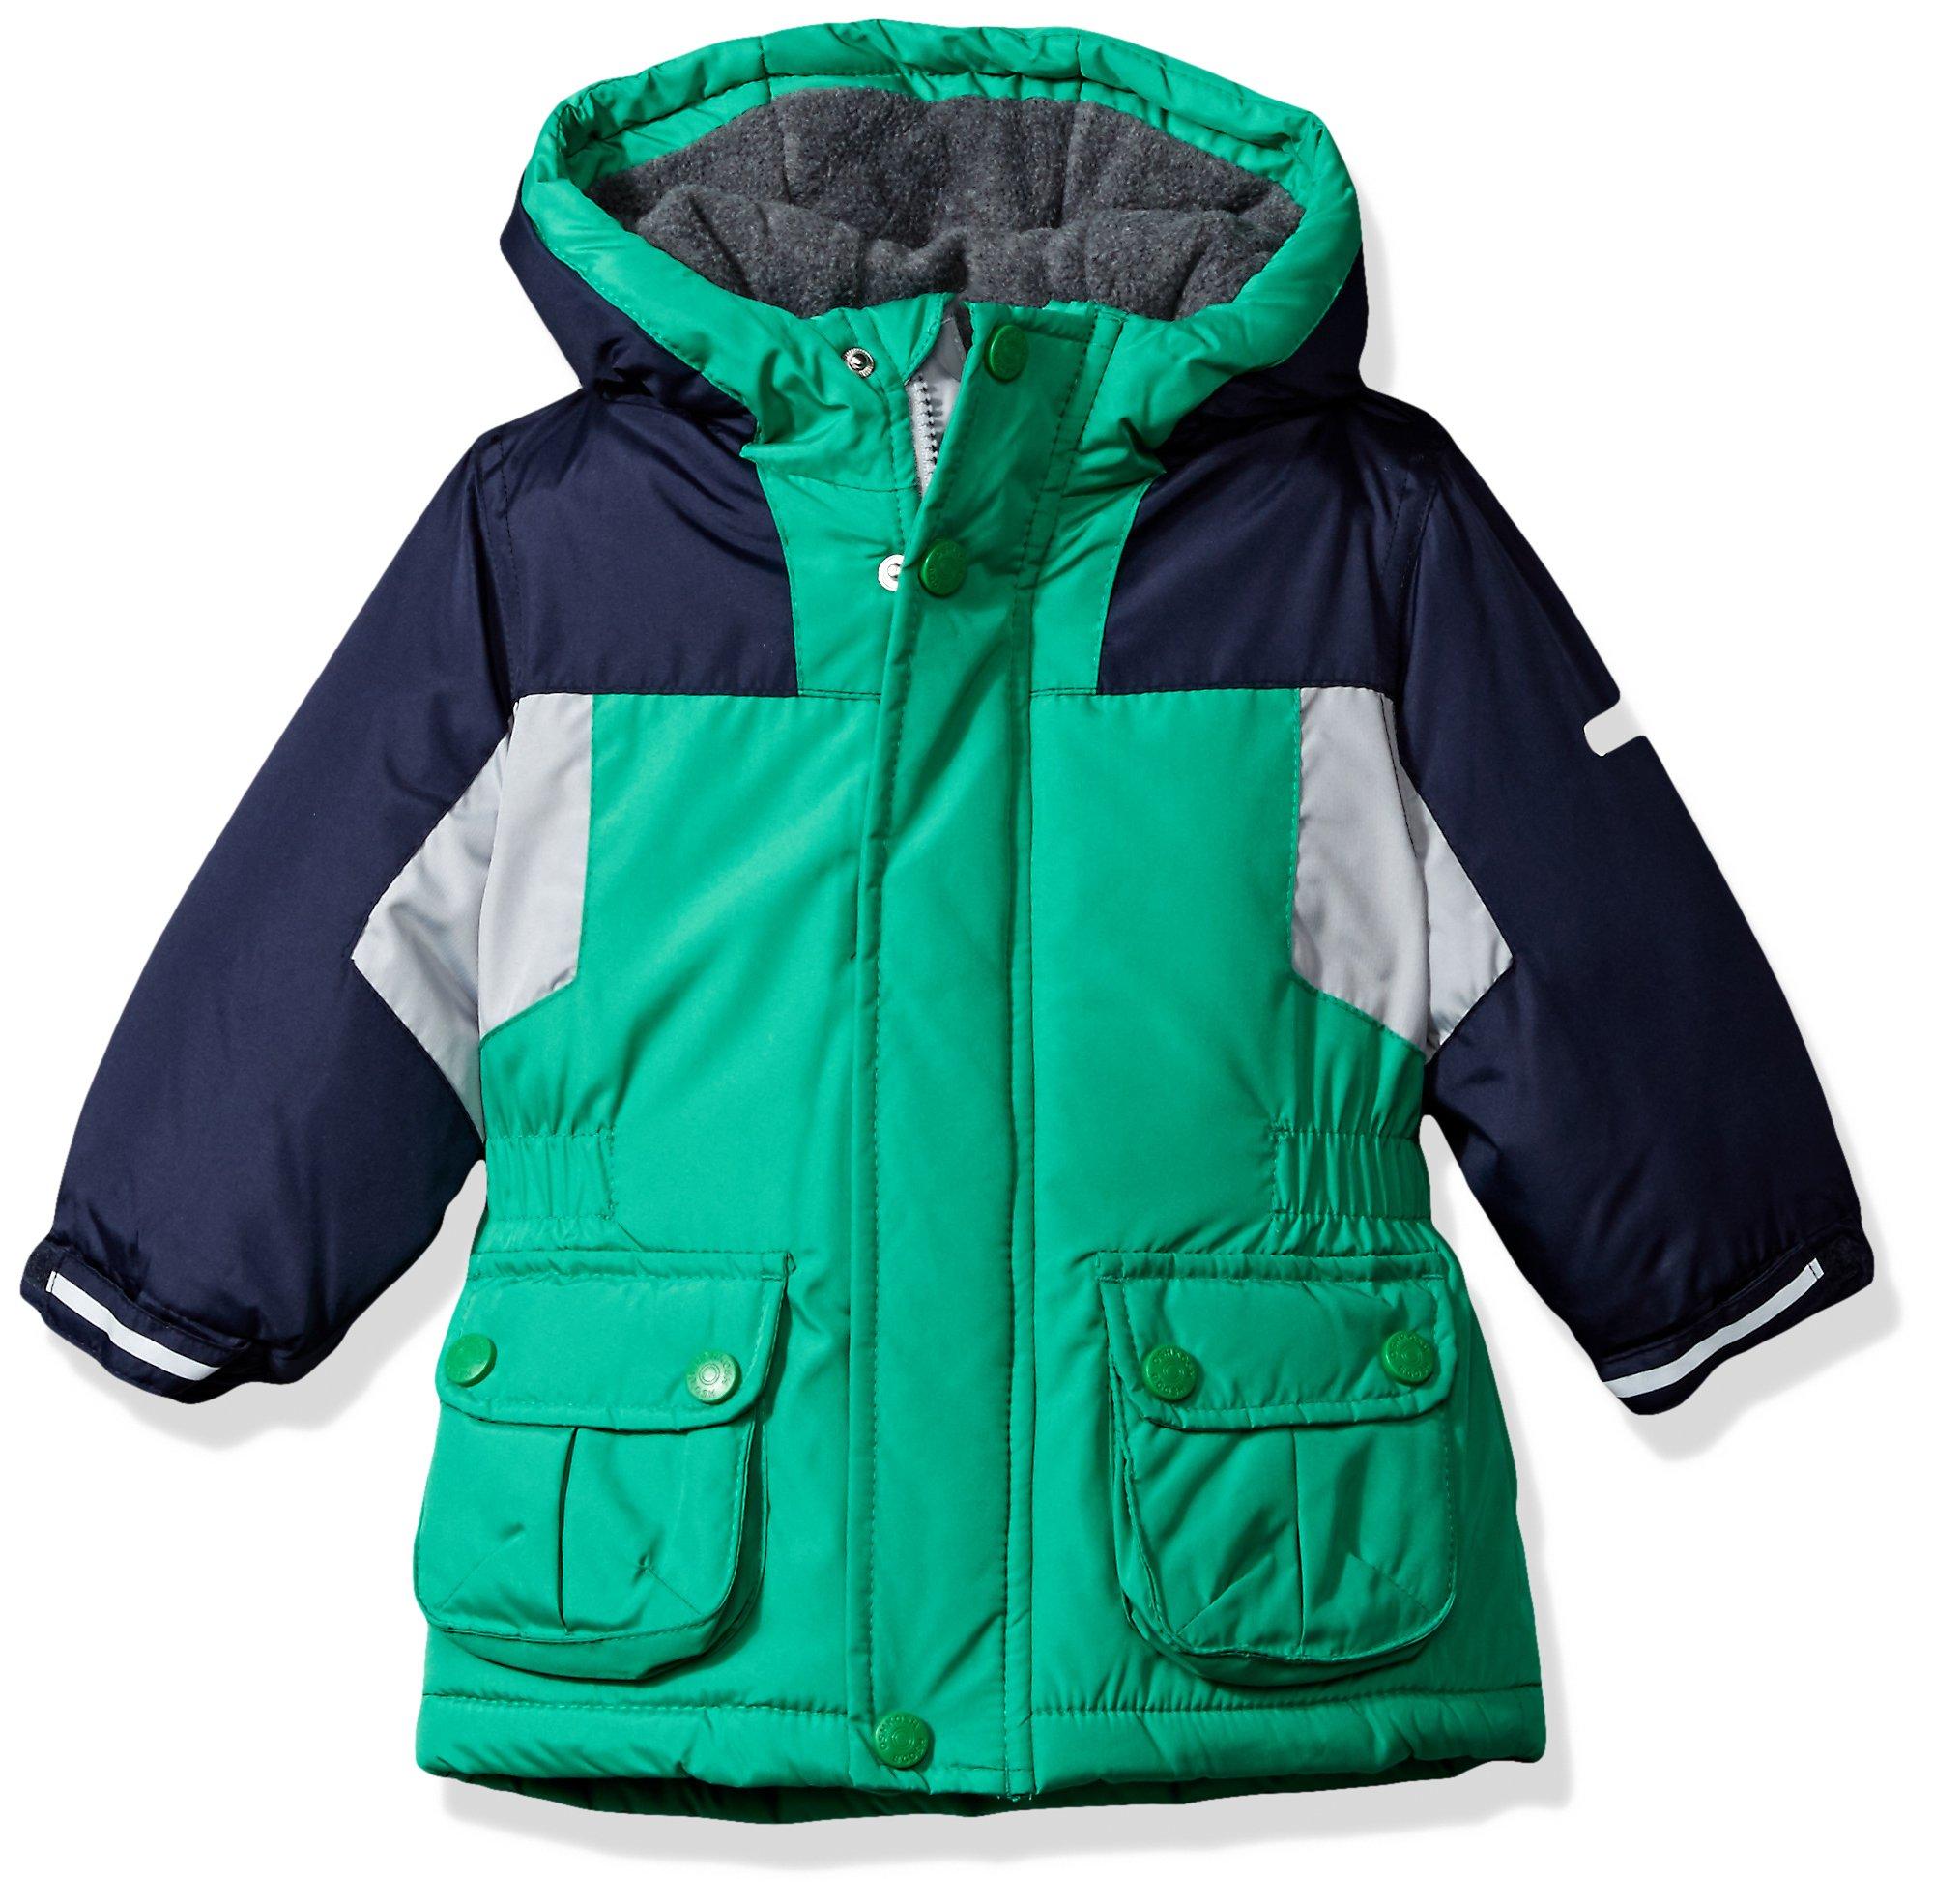 Osh Kosh Baby Boys Awesome Heavyweight Blocked Jacket Coat, Green/Blue, 18M by OshKosh B'Gosh